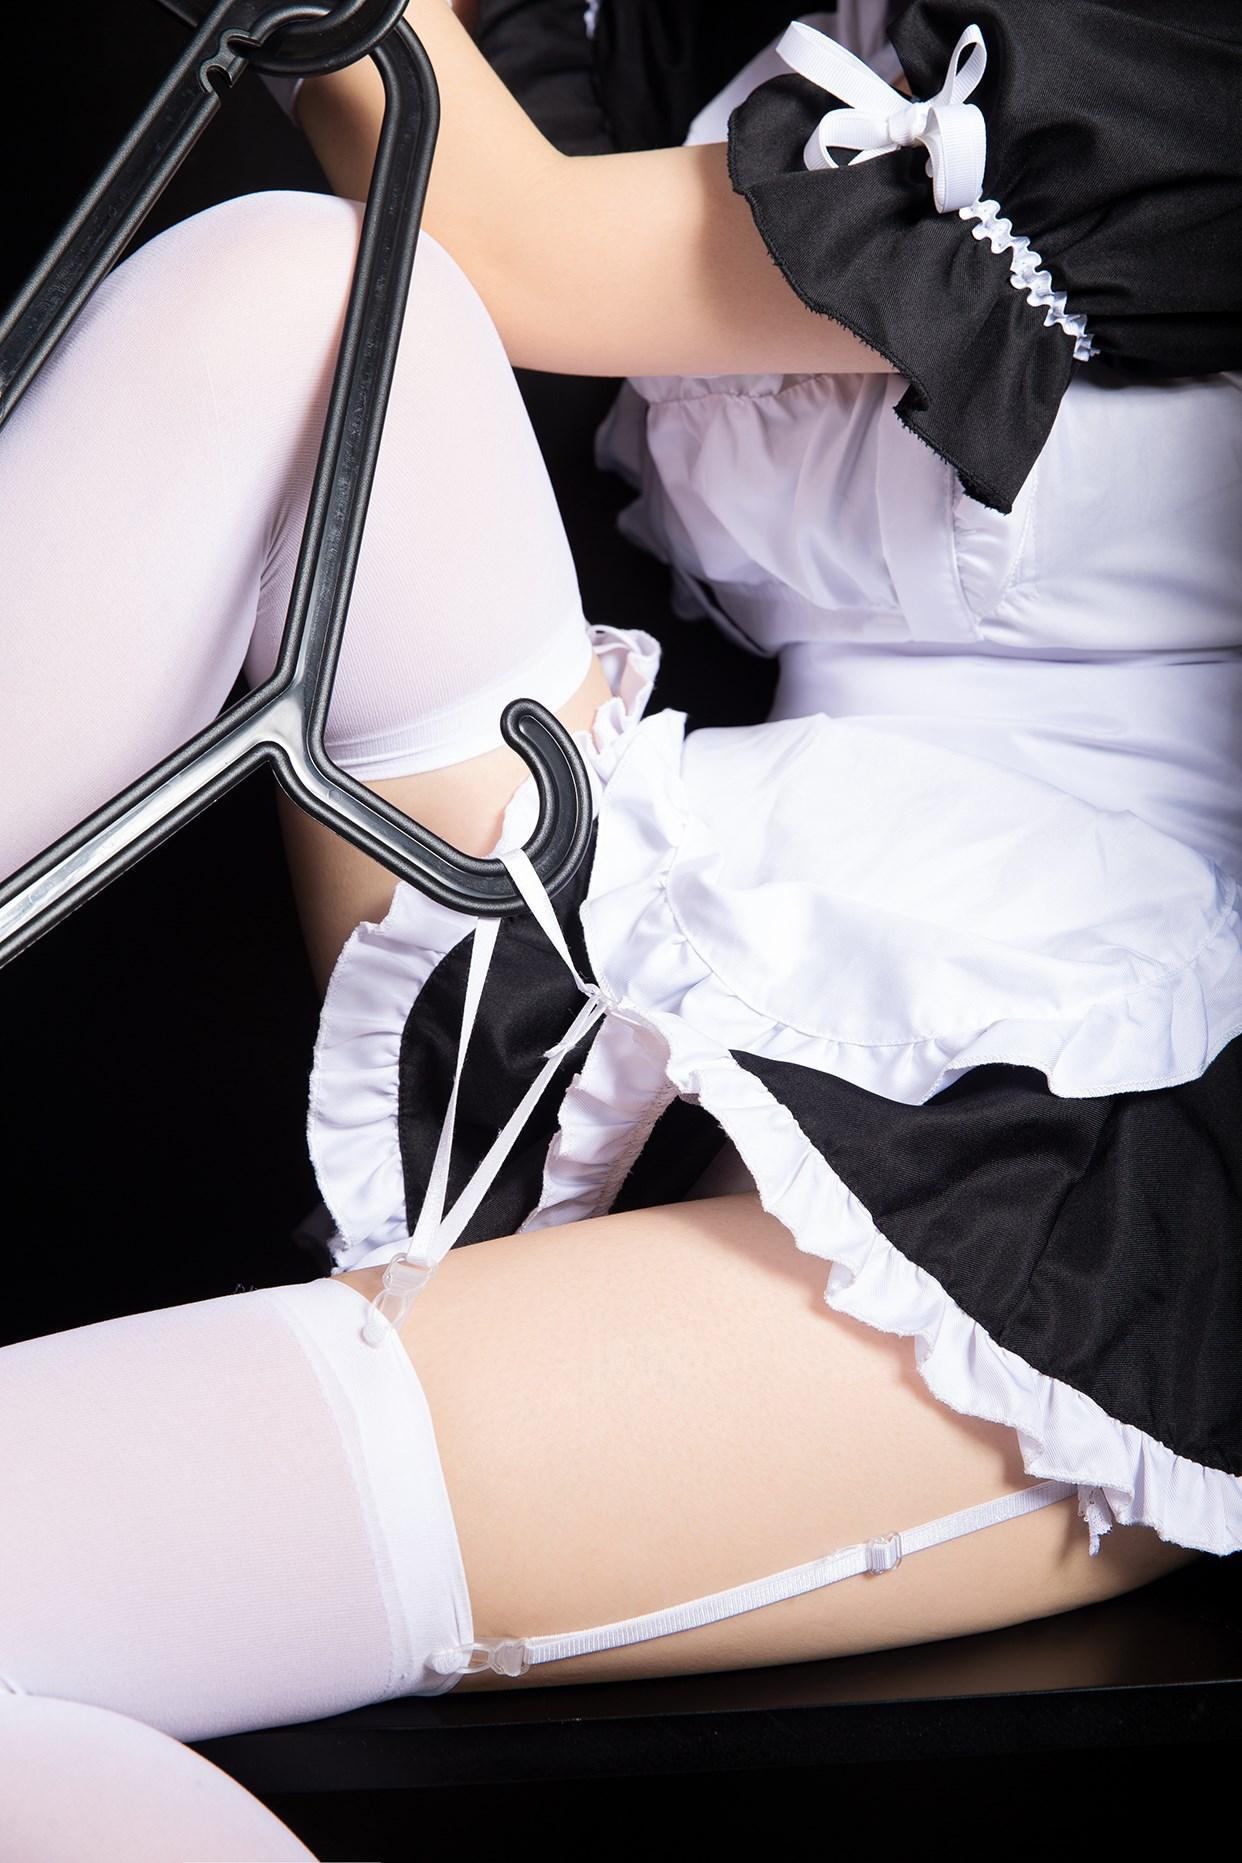 【兔玩映画】vol.03-萝莉女仆 兔玩映画 第33张